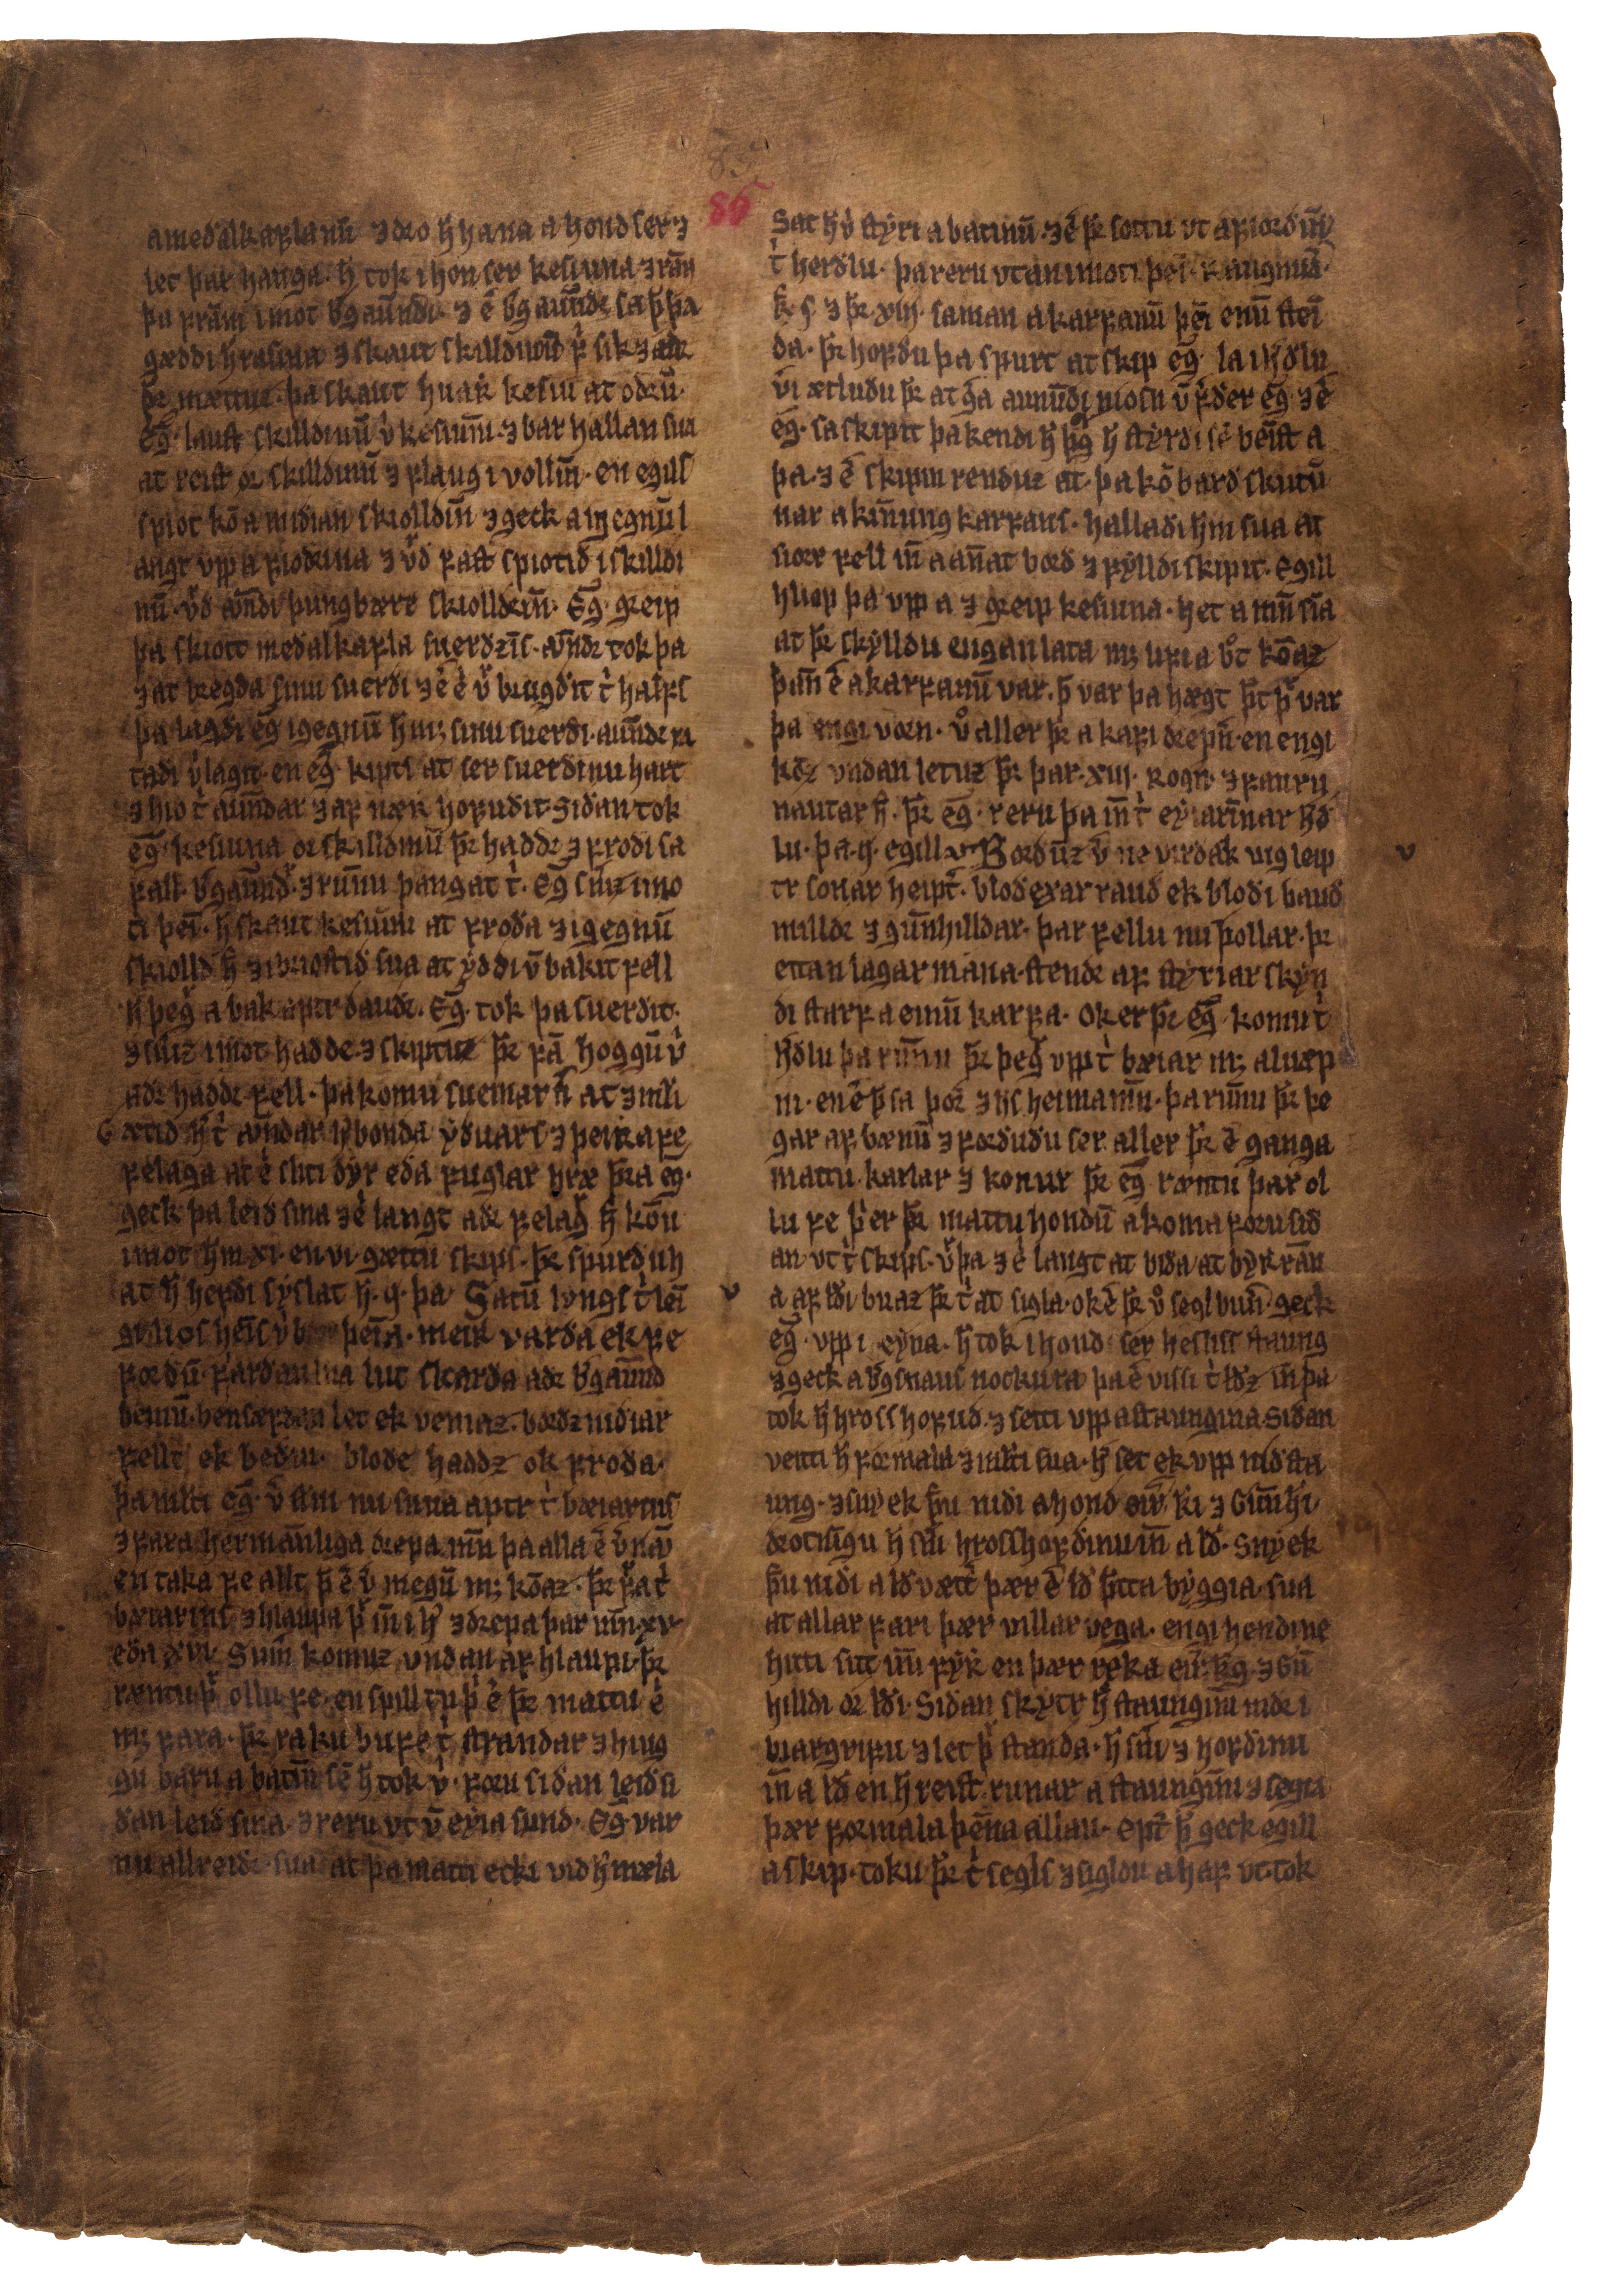 AM 132 fol - 85r